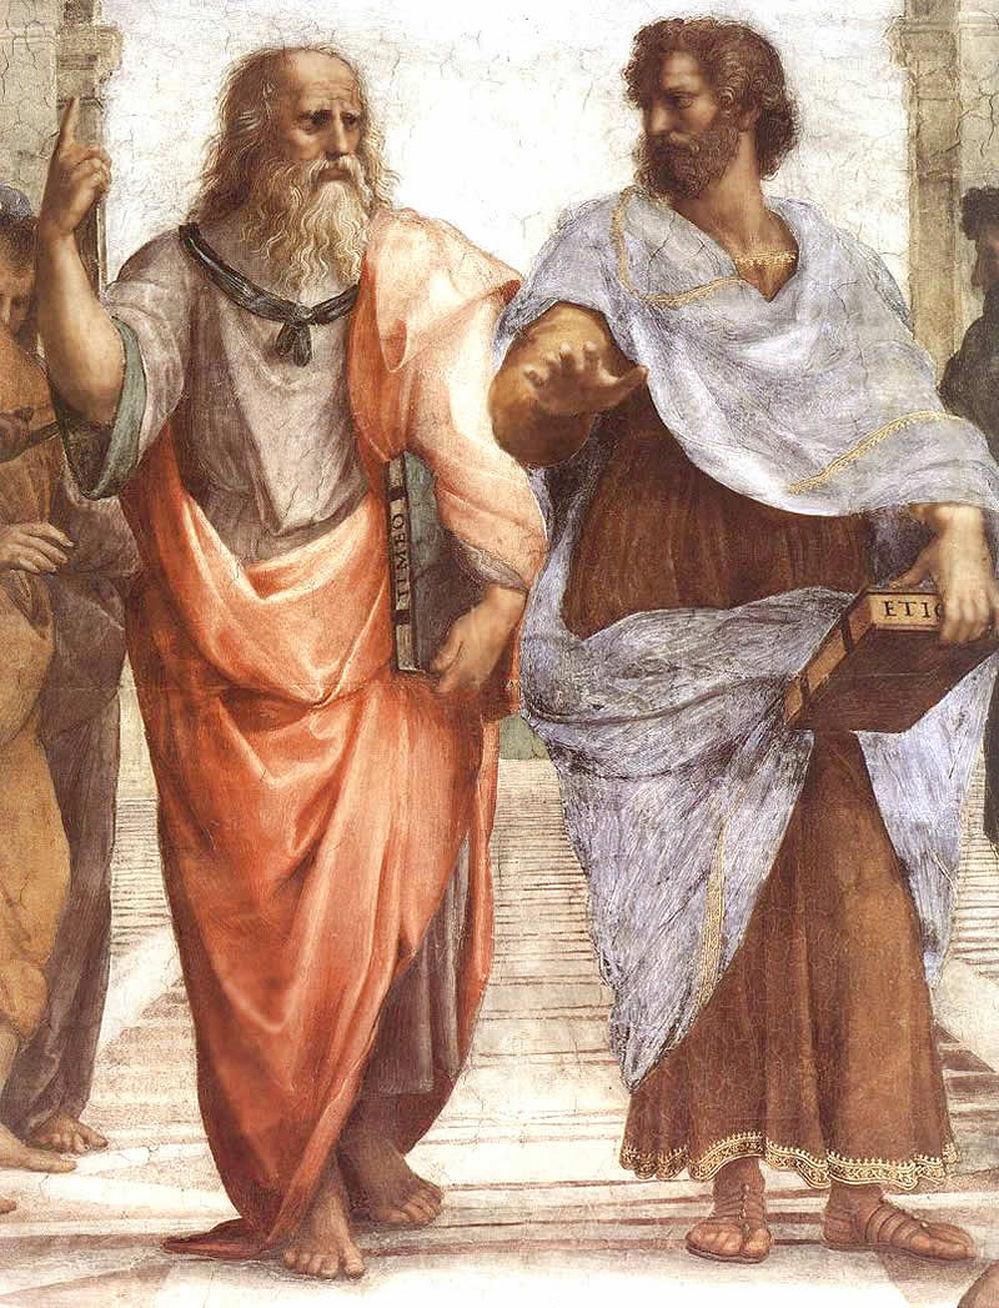 Платон и Аристотель (деталь фрески Рафаэля «Афинская школа» в Ватикане